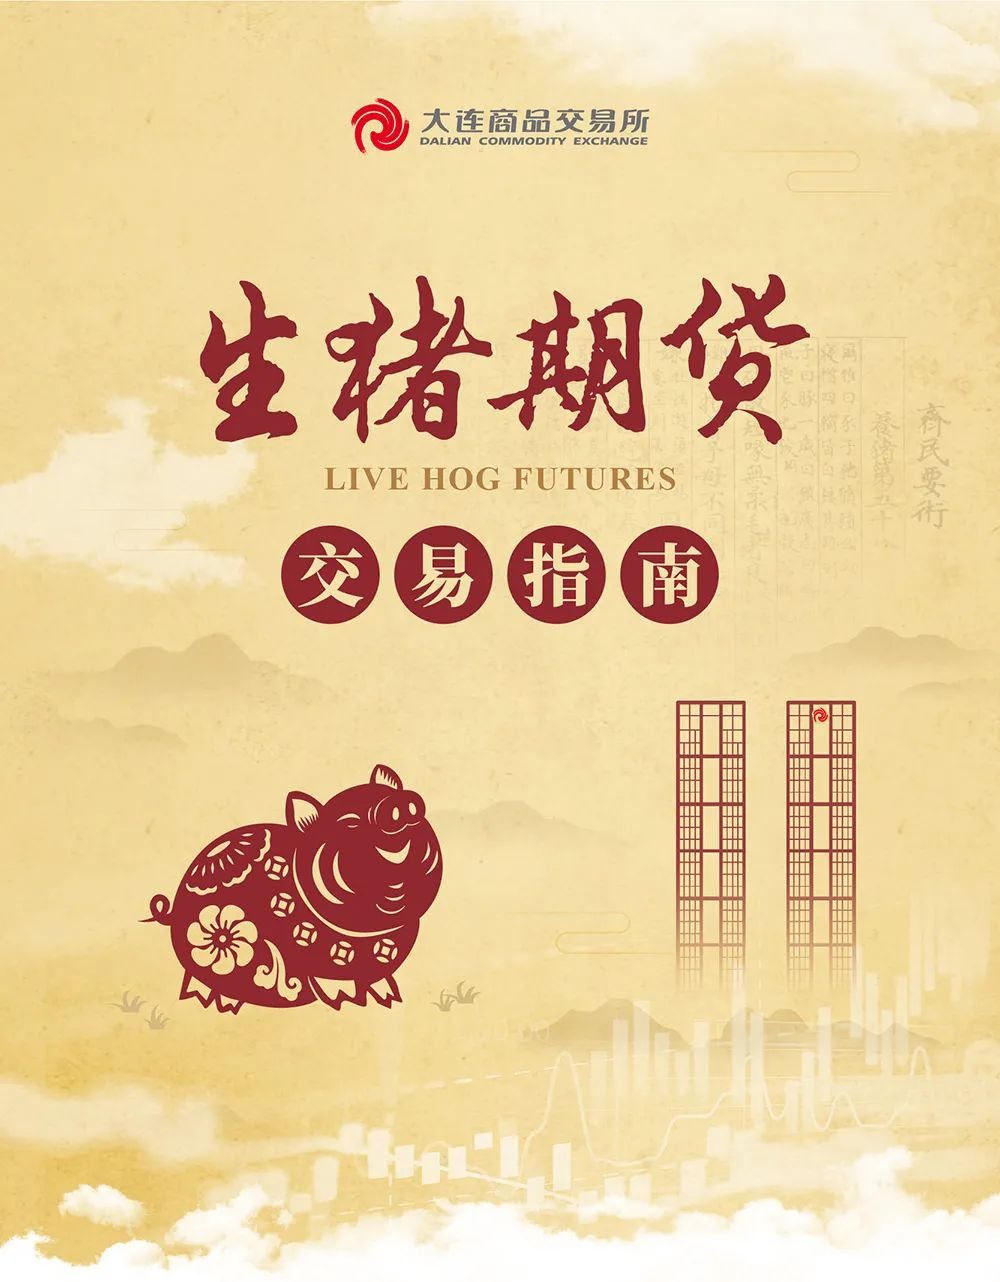 【生猪期货交易指南】第1期:生猪期货、现货市场关系及风险防范(内附全文链接)